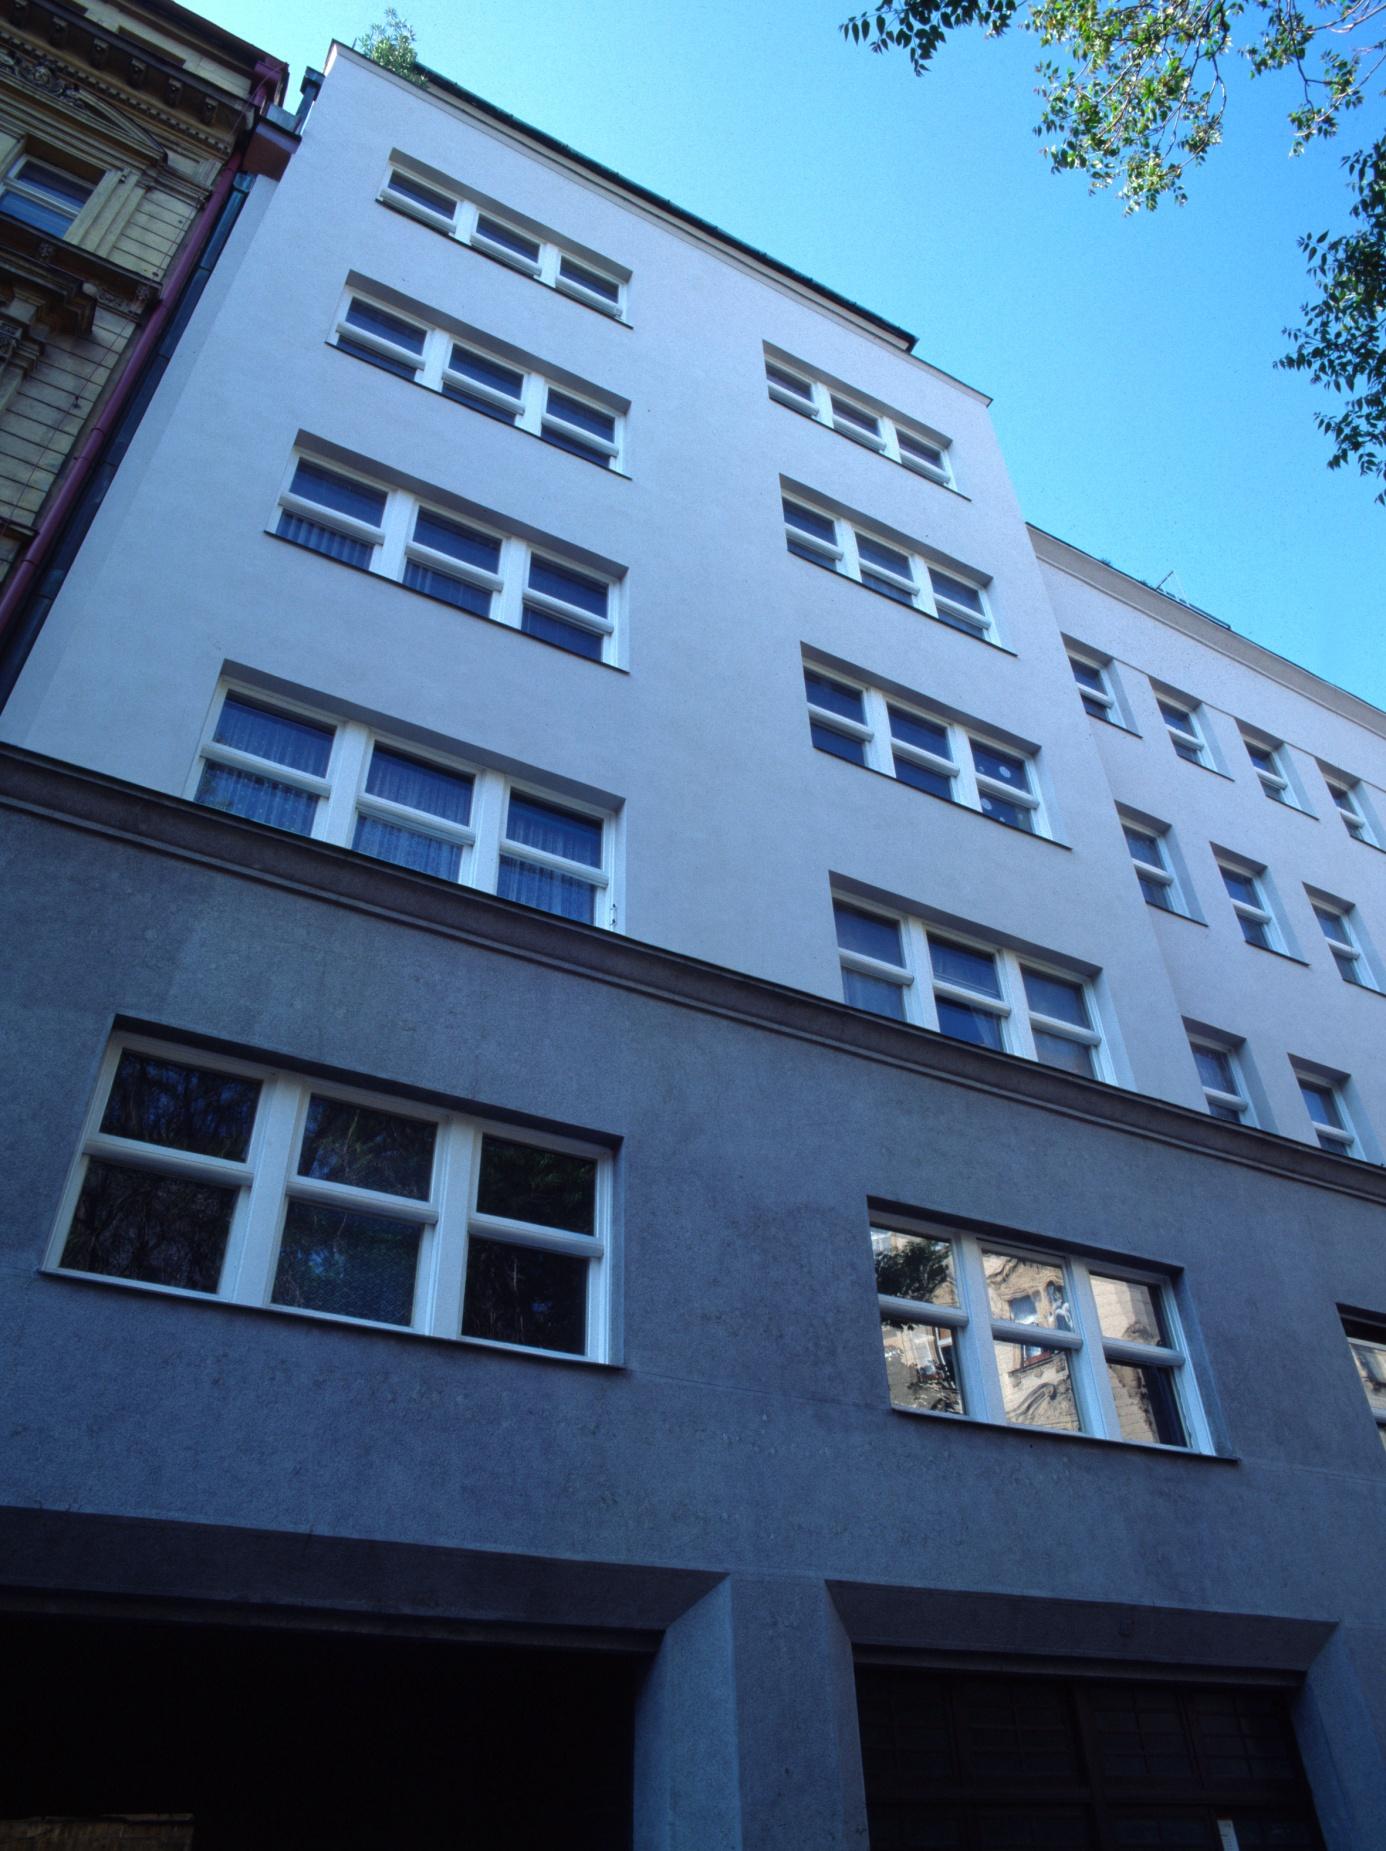 Betlémská, Prague 1